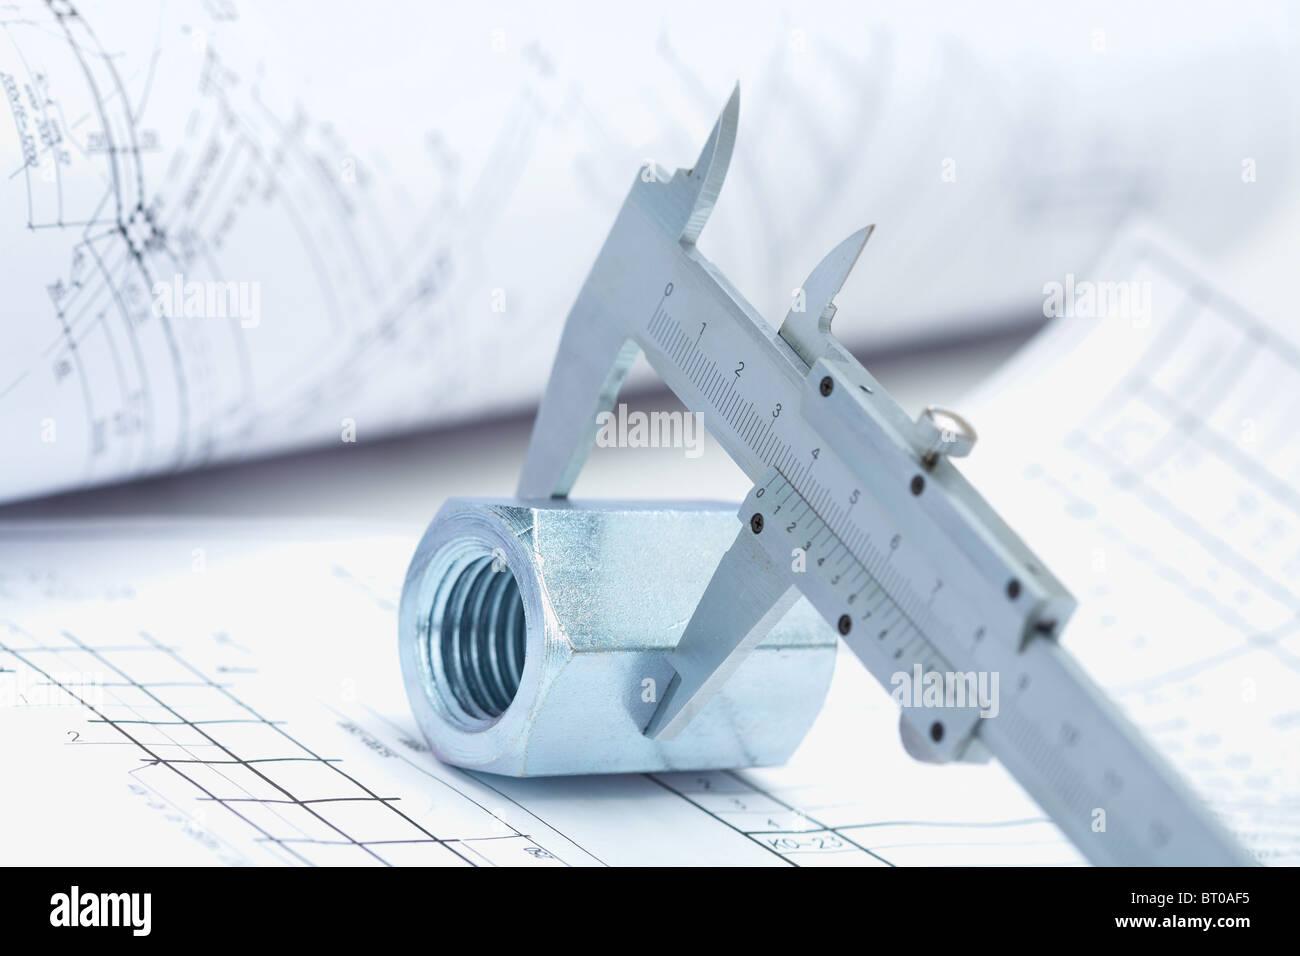 Imagen de regla arquitectónica sobre la tuerca con casa cerca del proyecto Imagen De Stock